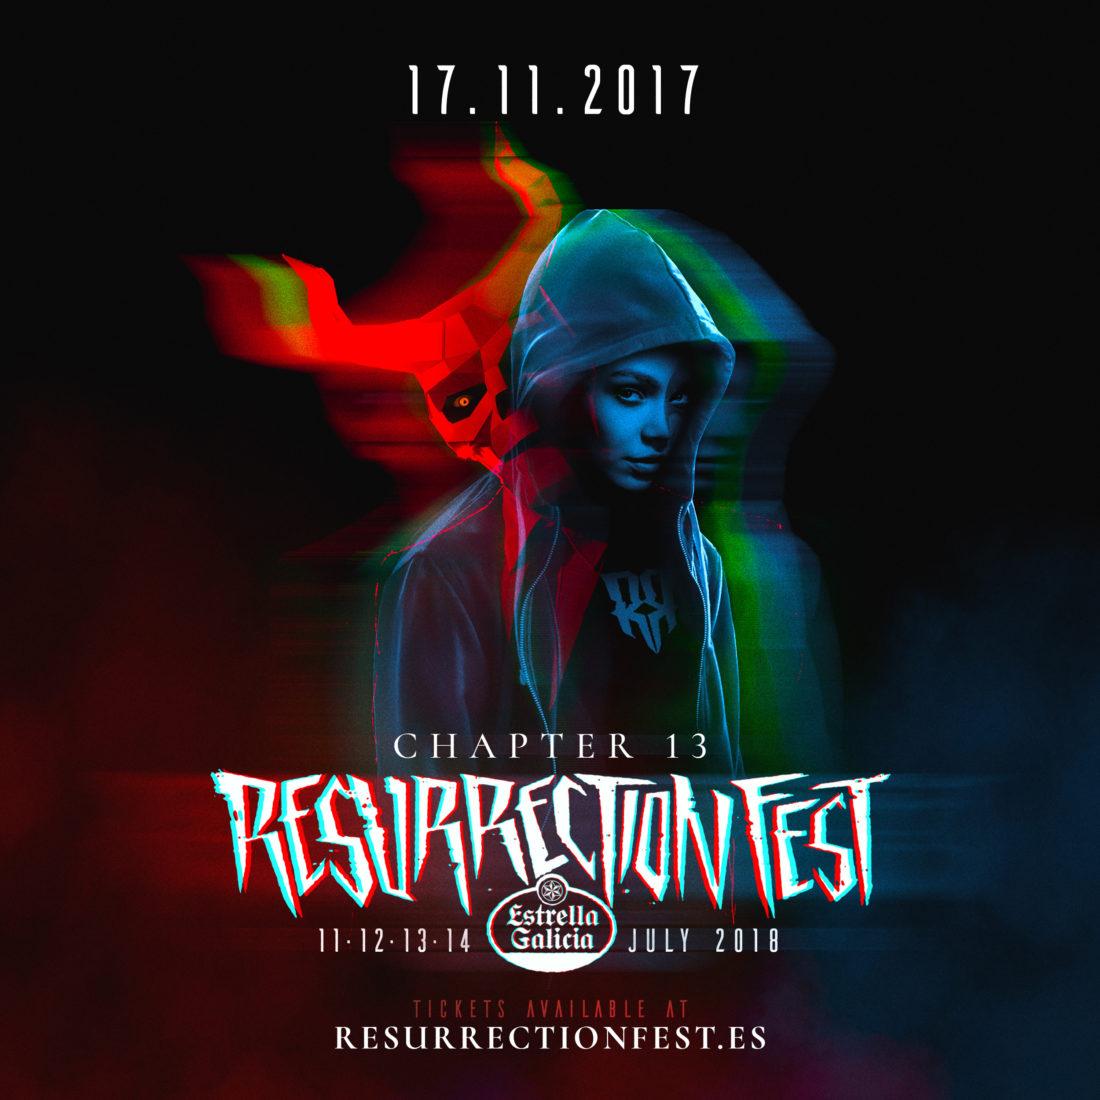 Imaxe oficial do Resurrection Fest Estrella Galicia 2018